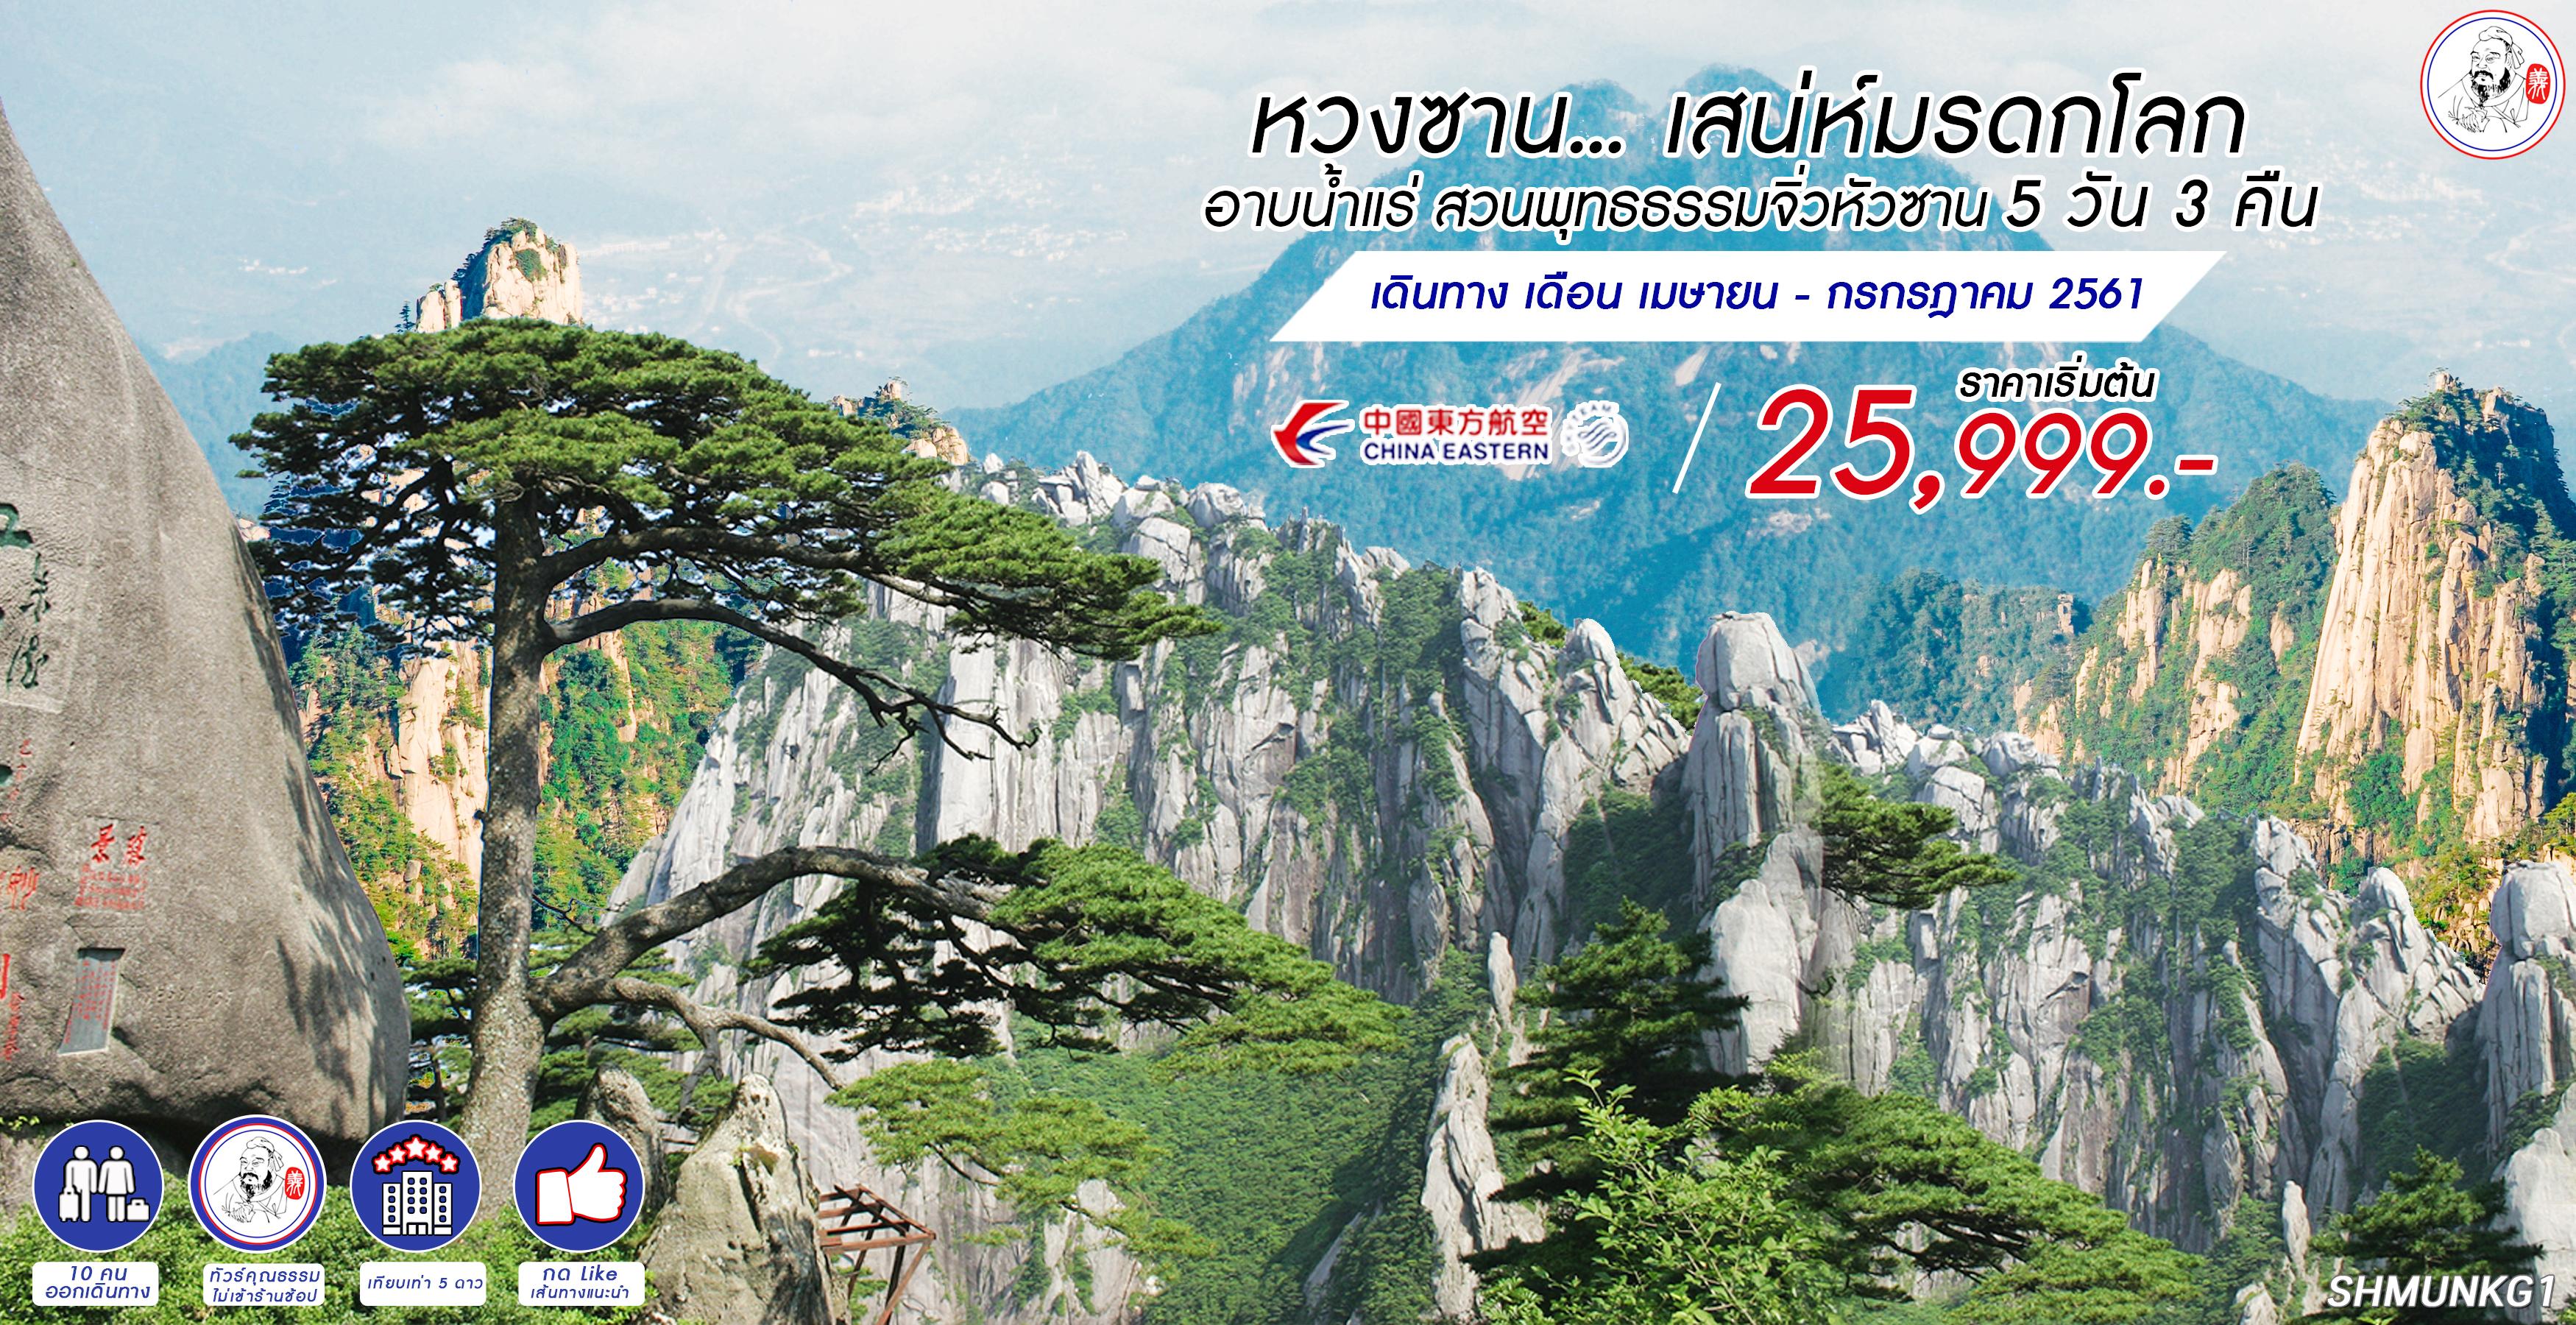 ทัวร์จีน ทัวร์คุณธรรมหวงซาน...เสน่ห์มรดกโลก อาบน้ำแร่ สวนพุทธธรรมจิ่วหัวซาน 5 วัน 3 คืน (MU)